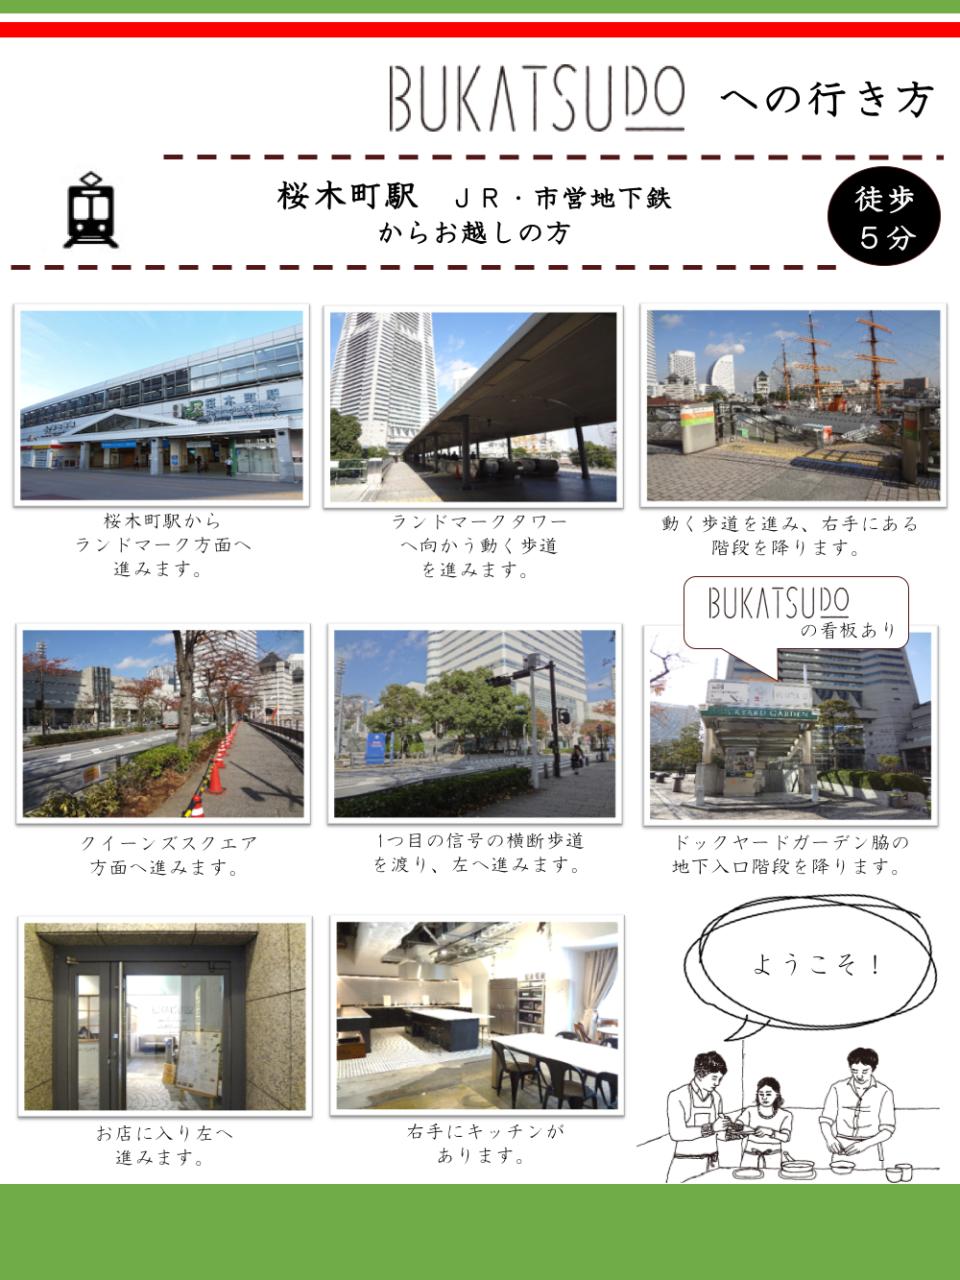 JR・市営地下鉄 桜木町駅からお越しの方